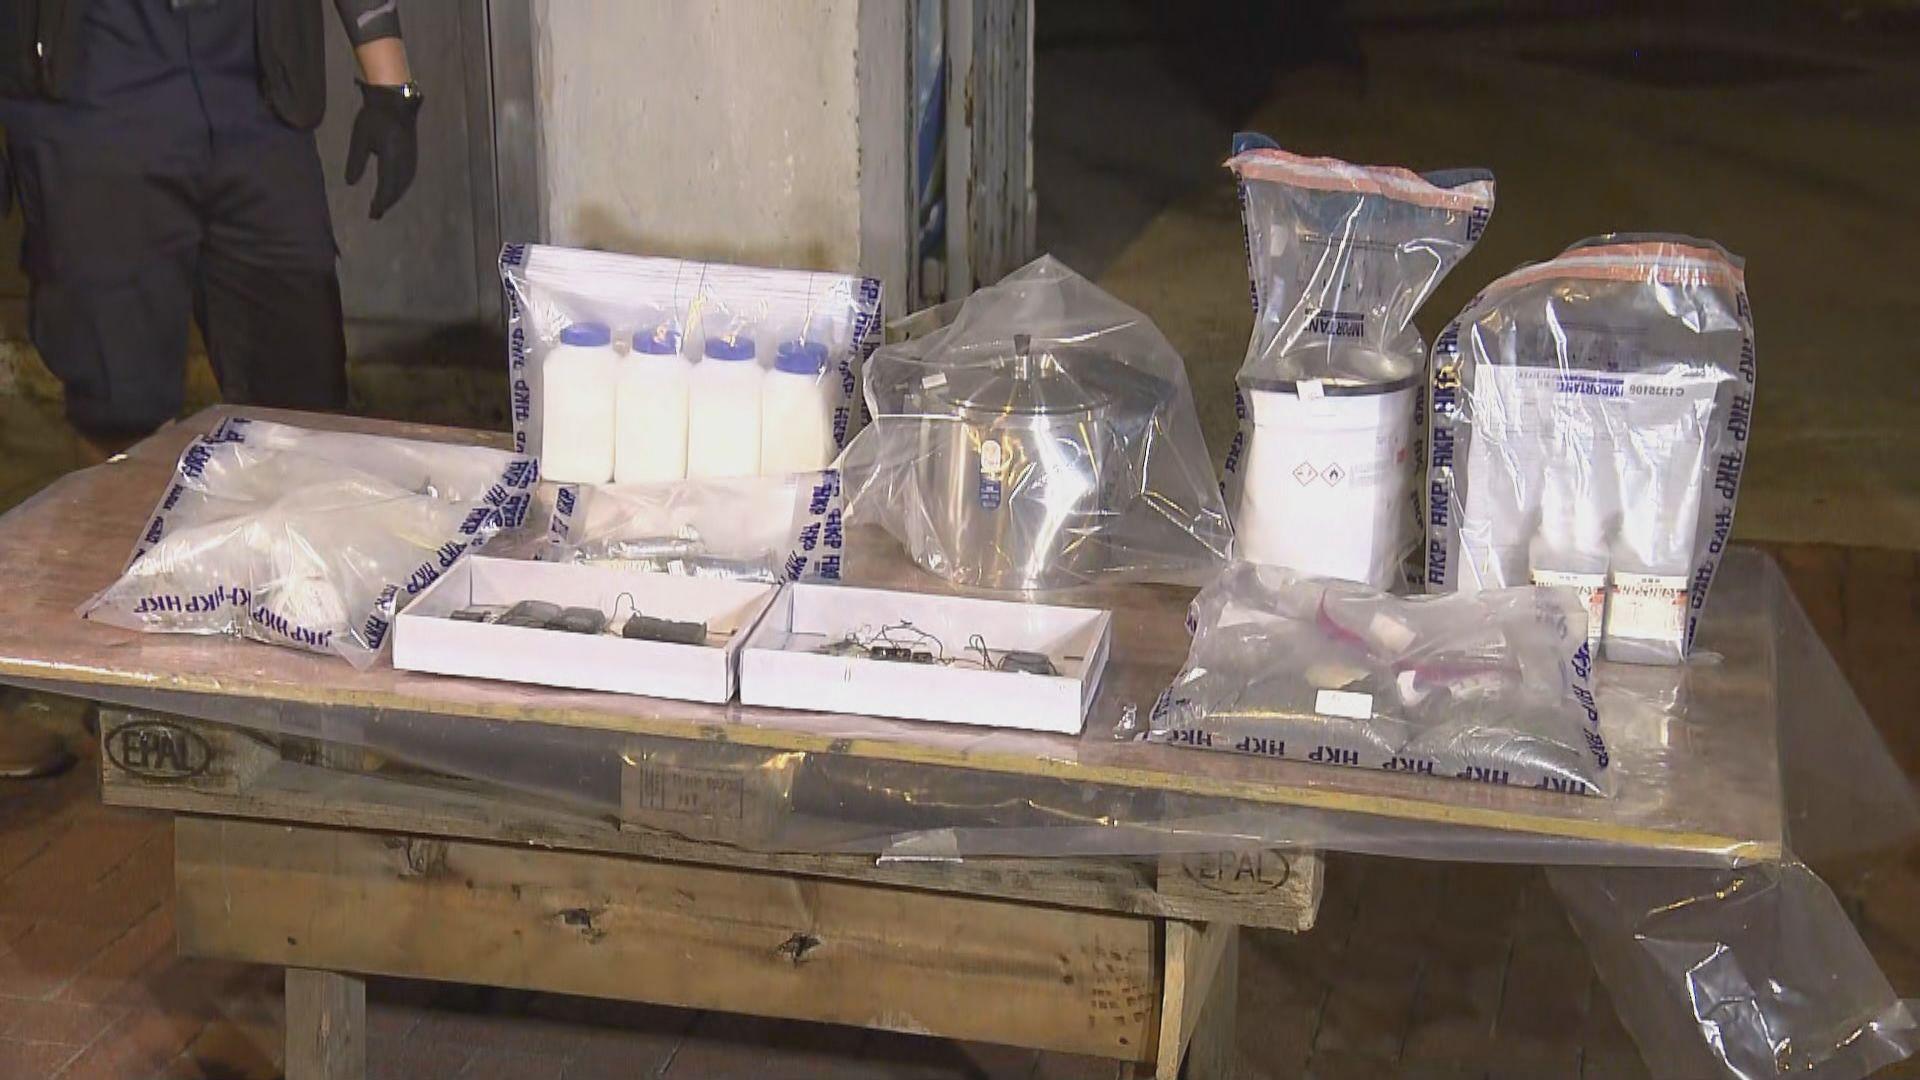 牛頭角廢棄校舍檢獲爆炸品 疑與去年理大竊案有關